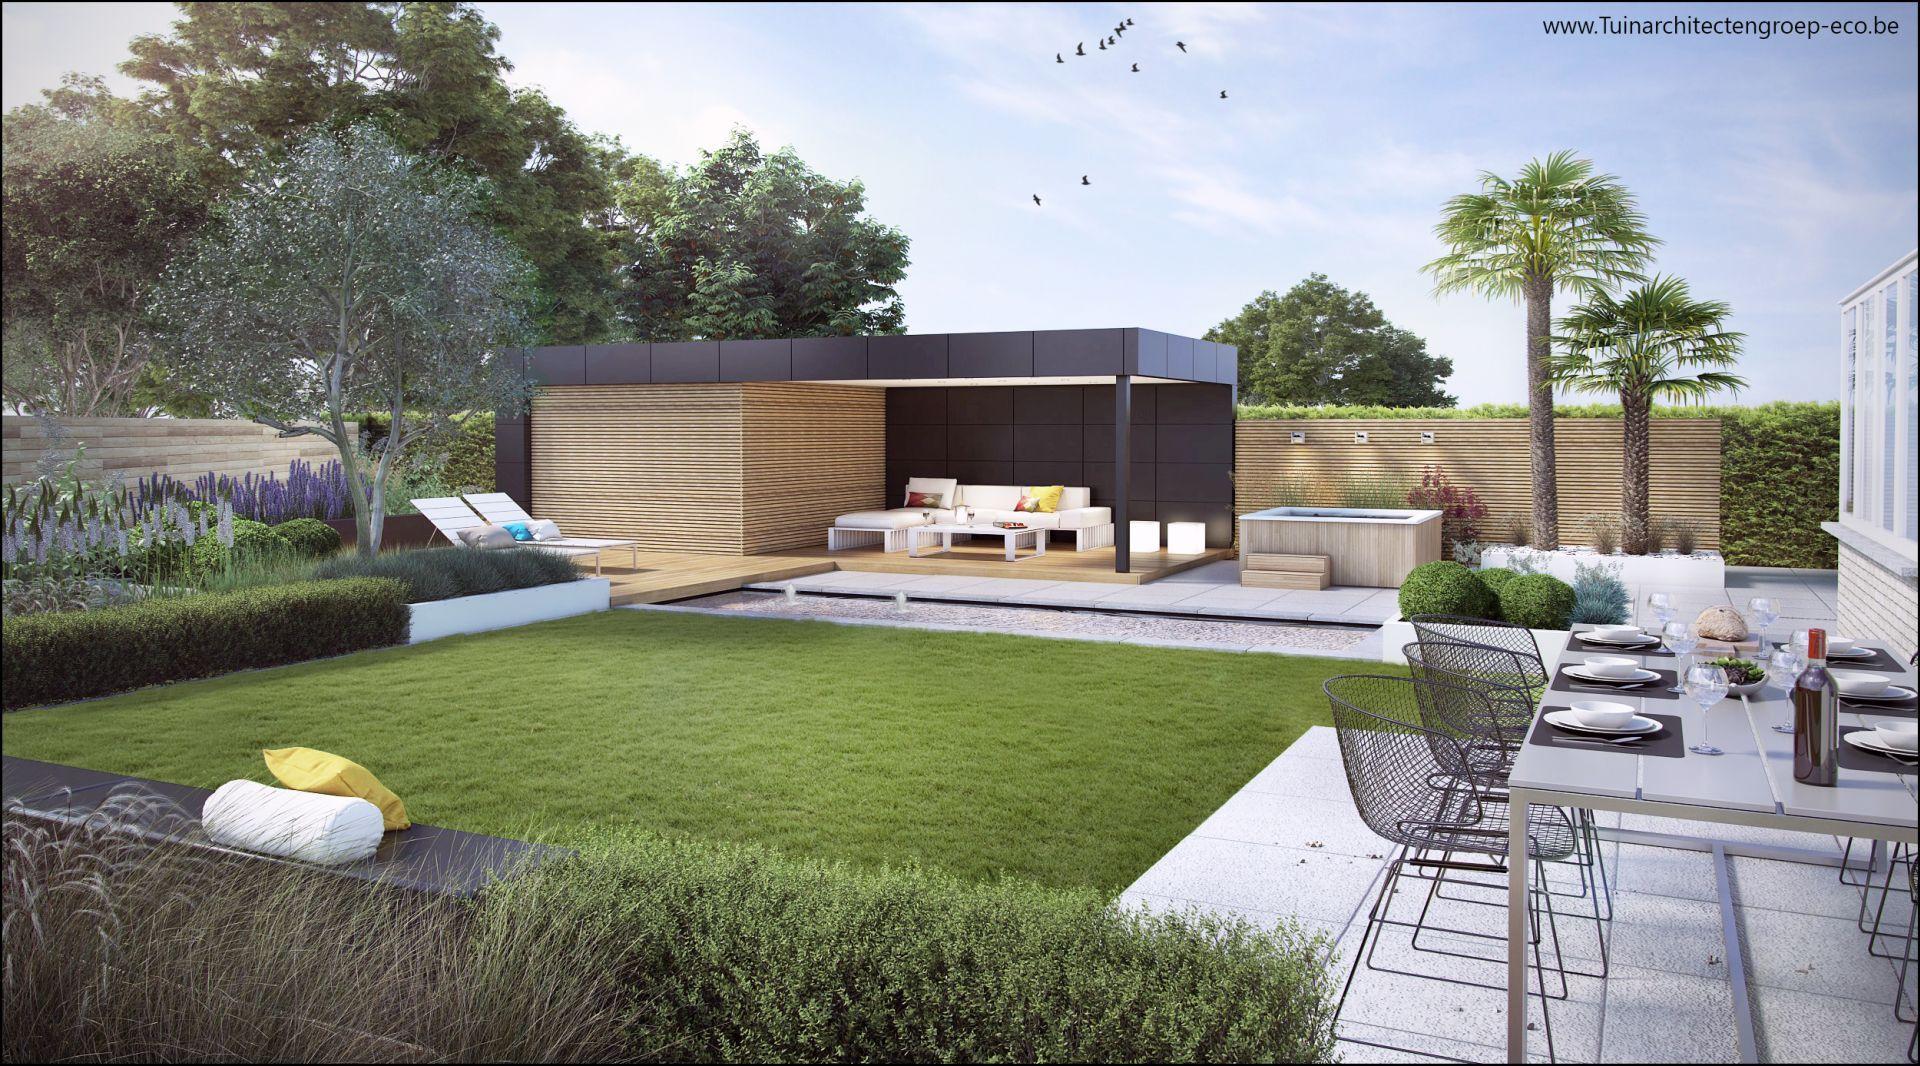 Eco tuinarchitectengroep 3d projecten loungetuin met vijver